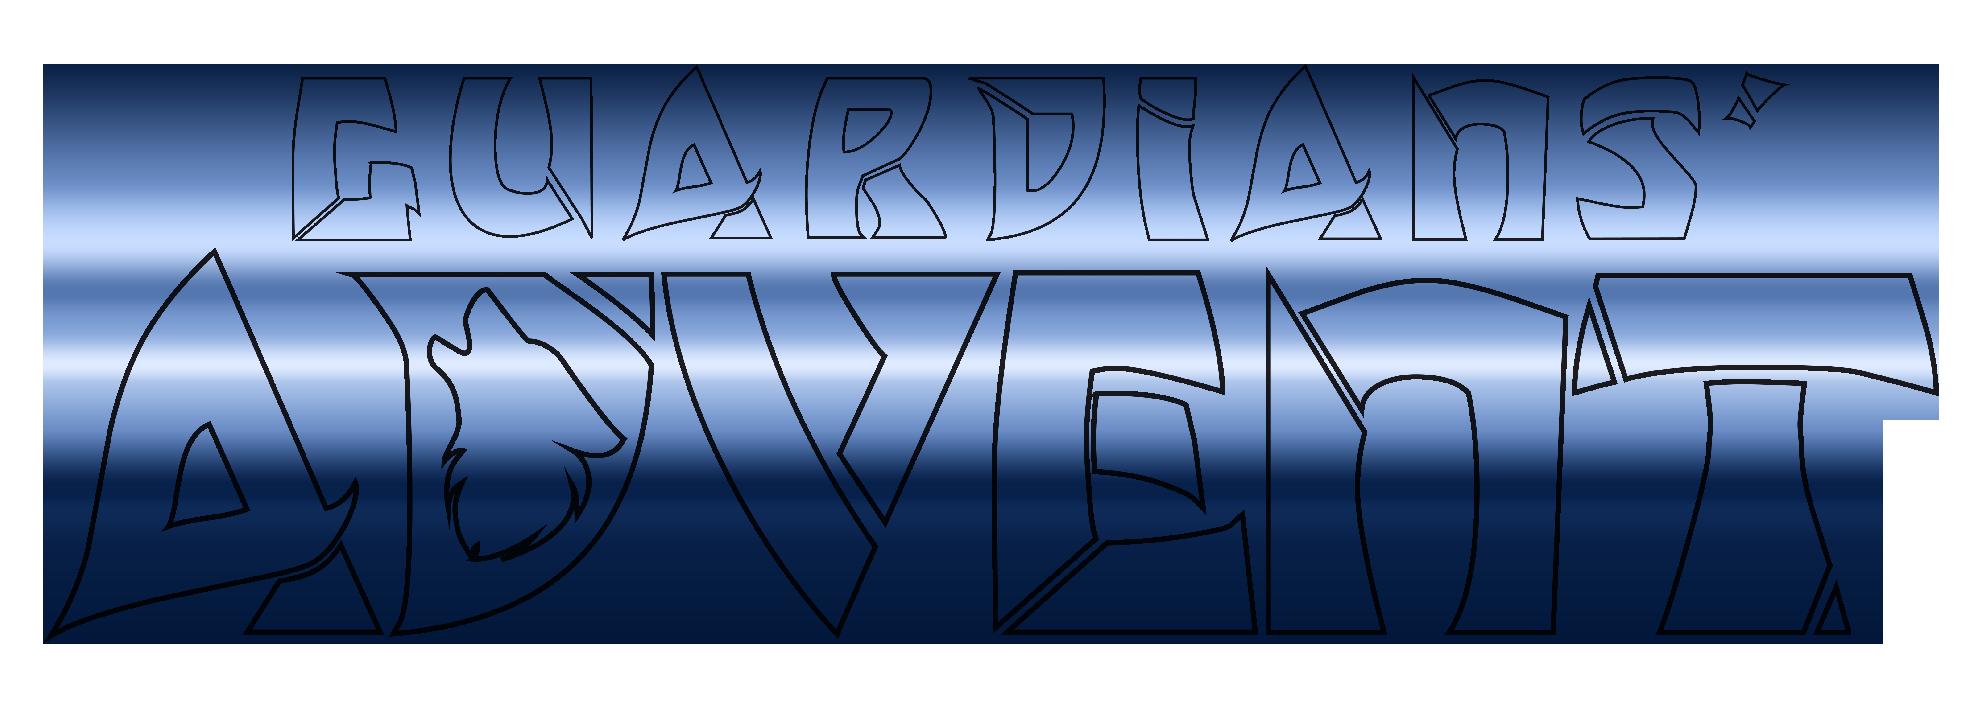 Guardians' Advent Logo - Blue Gradient Version